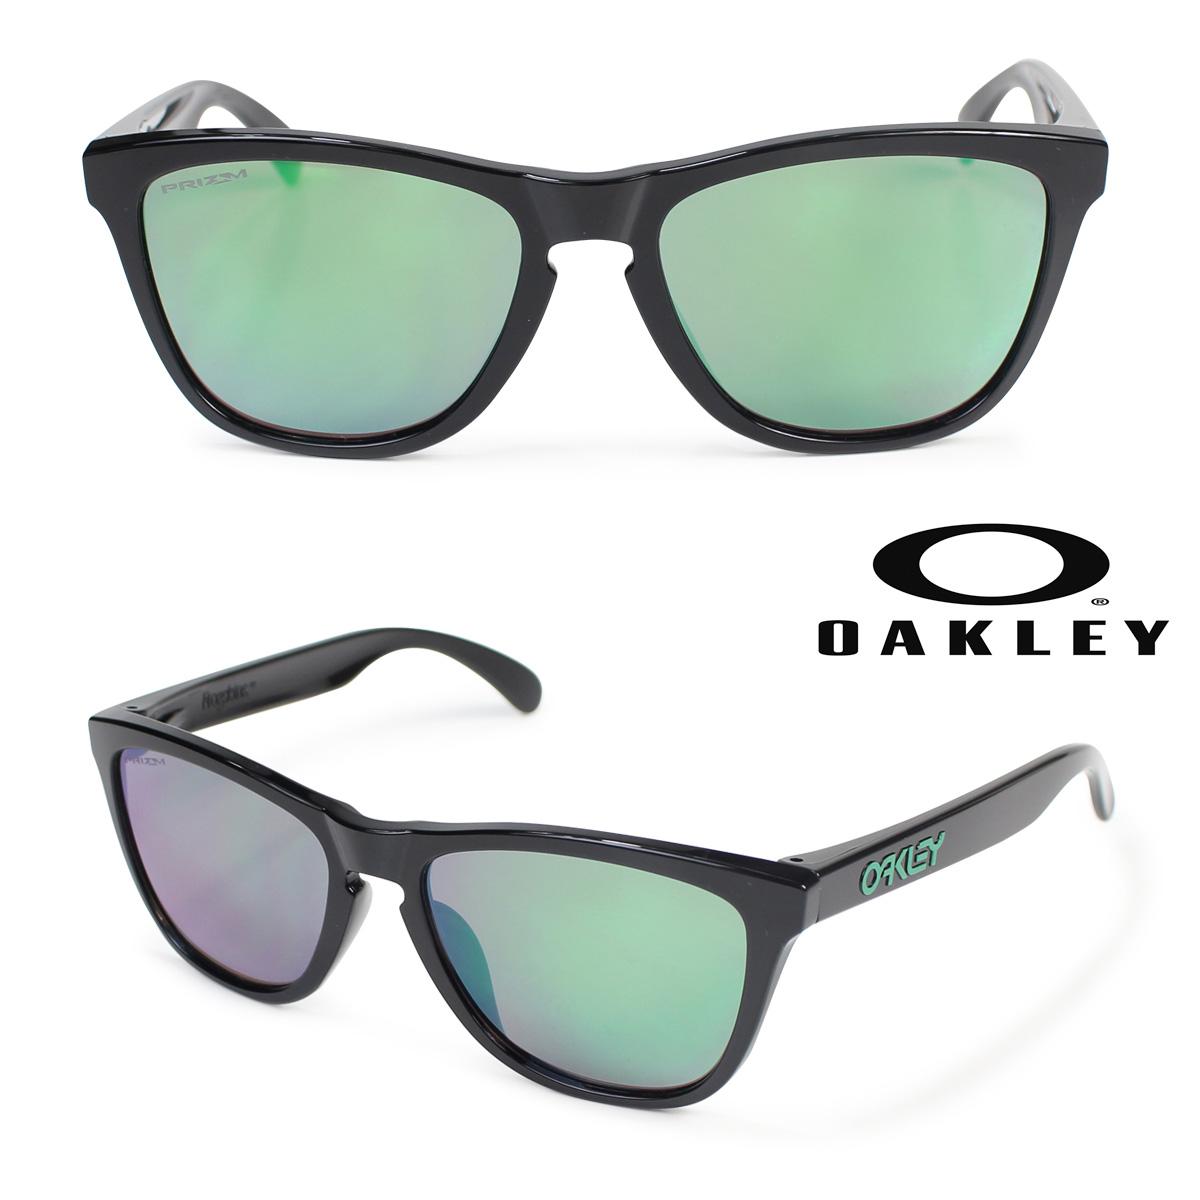 Oakley ASIA FIT サングラス アジアンフィット オークリー Frogskins フロッグスキン OO9245-6454 ブラック メンズ レディース [186]